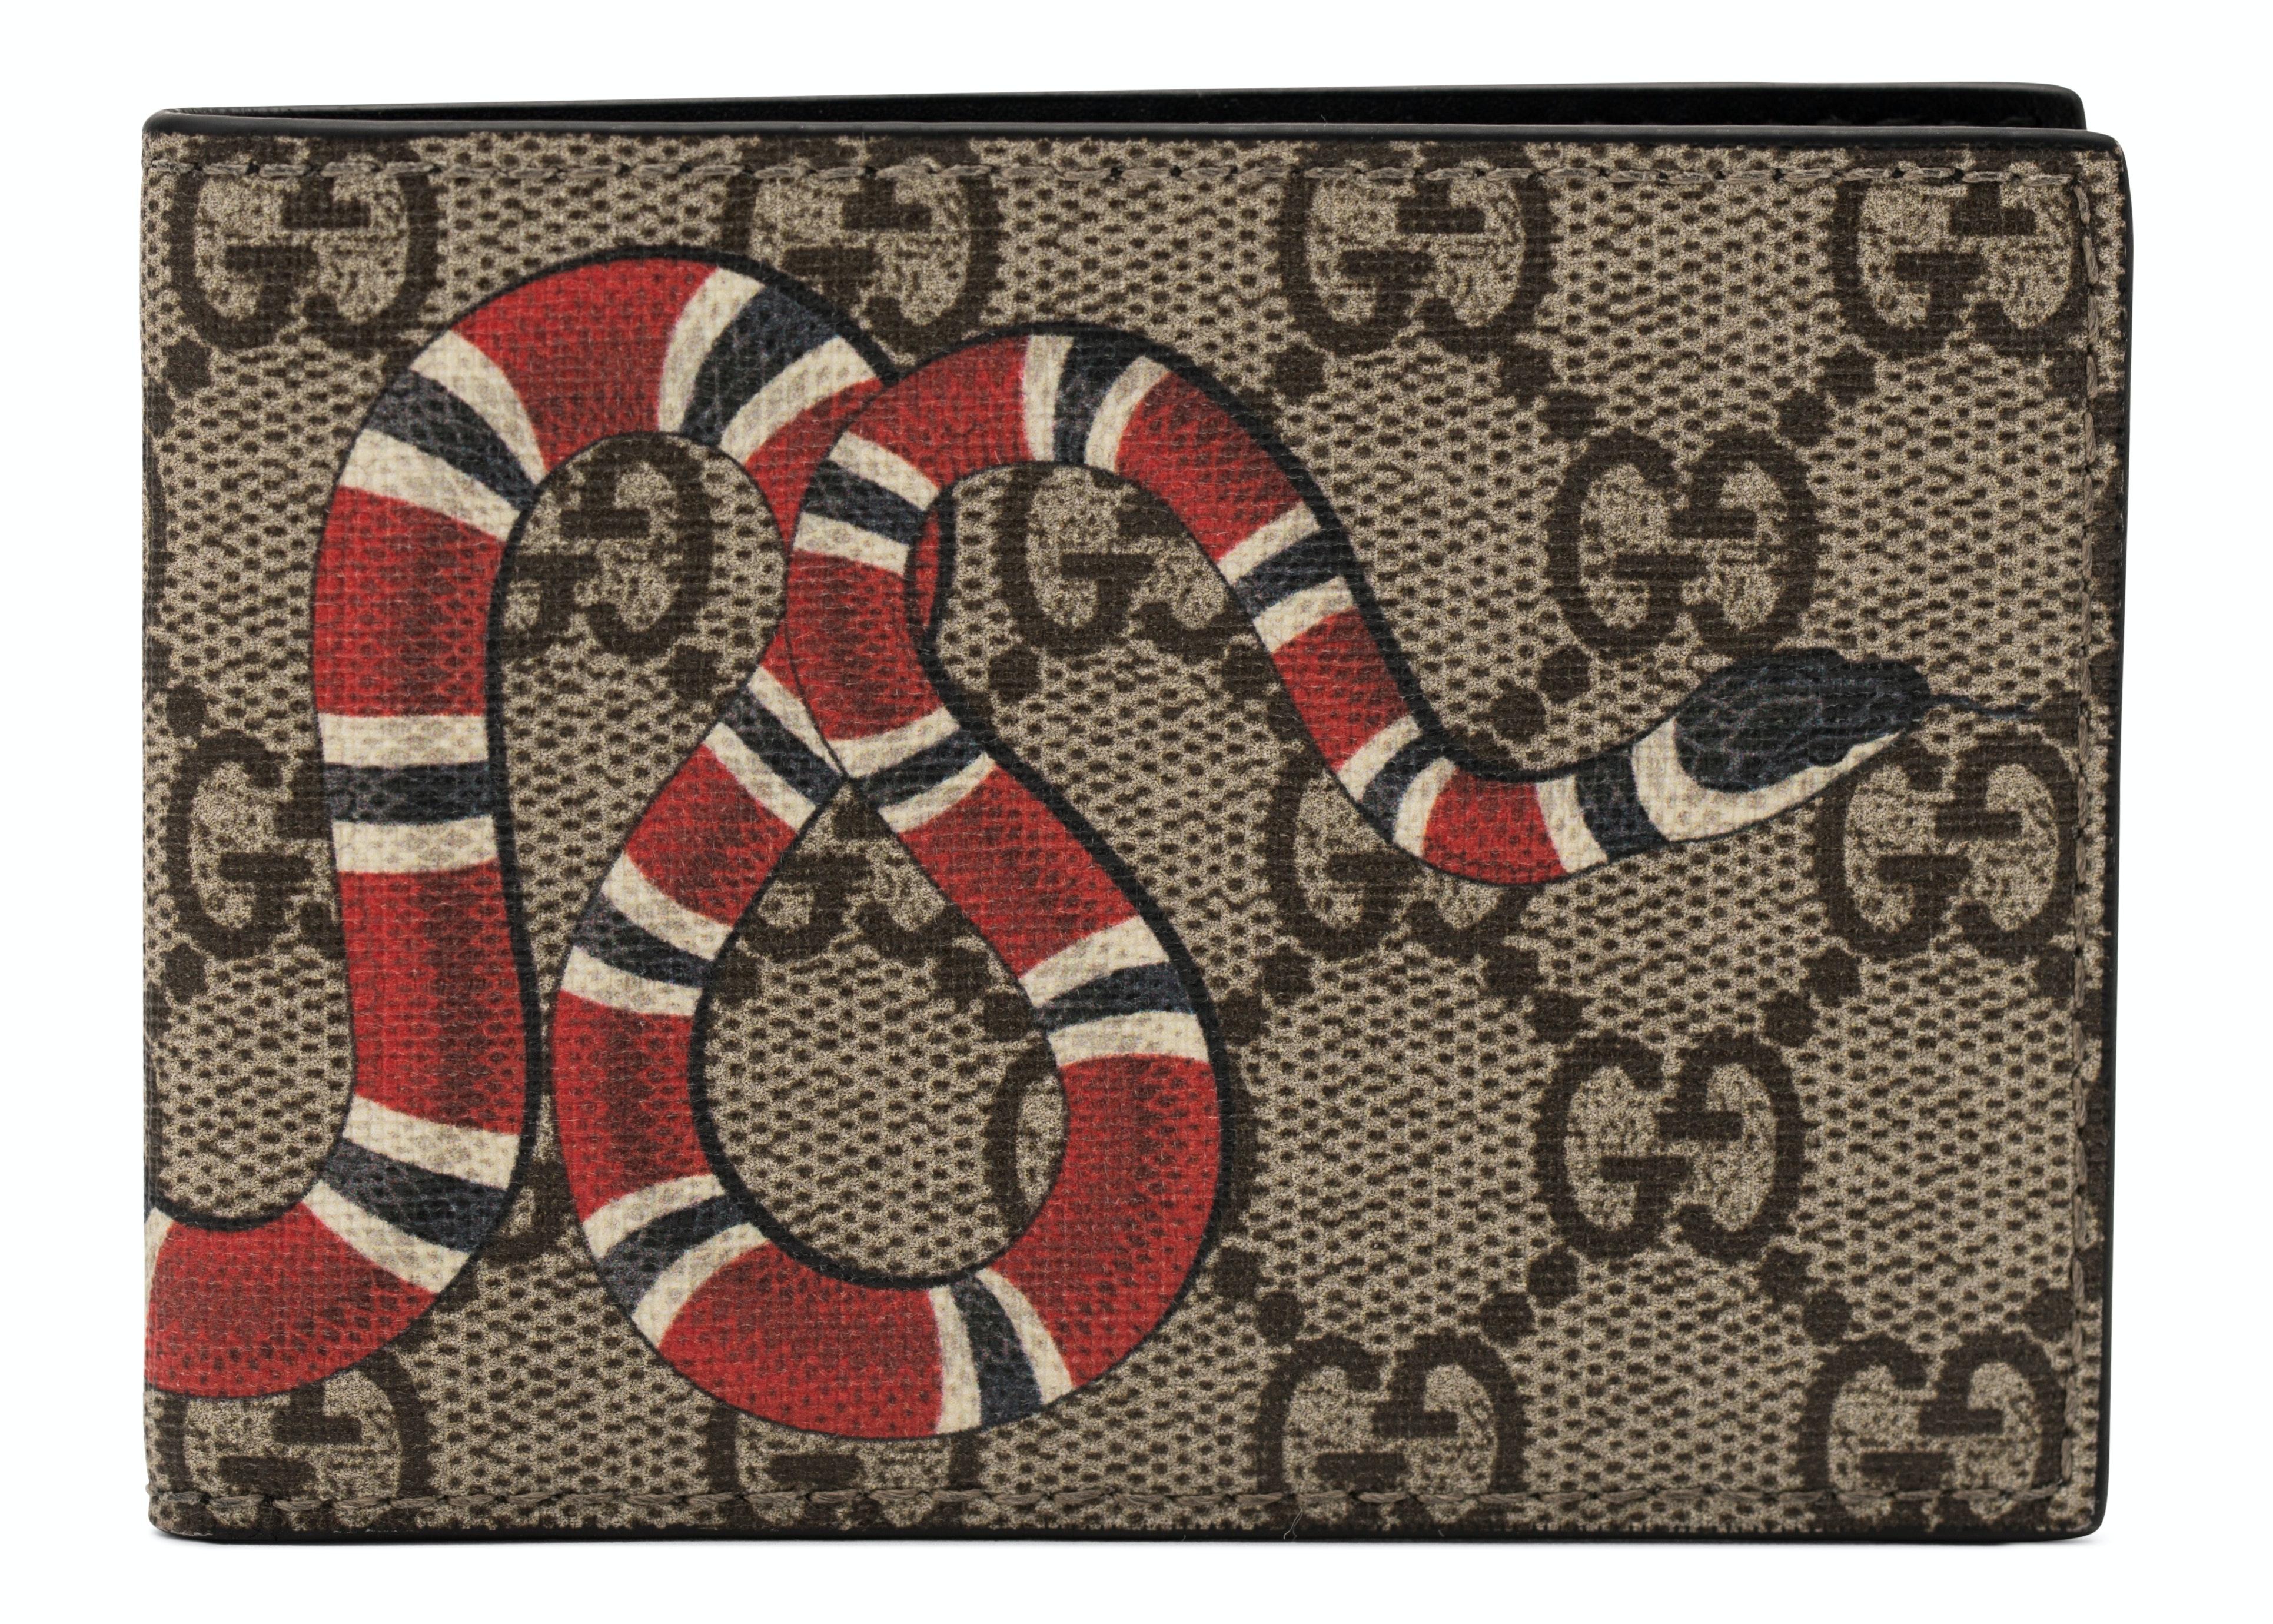 Gucci Bifold Wallet Monogram GG Supreme Kingsnake (4 Card Slots) Beige